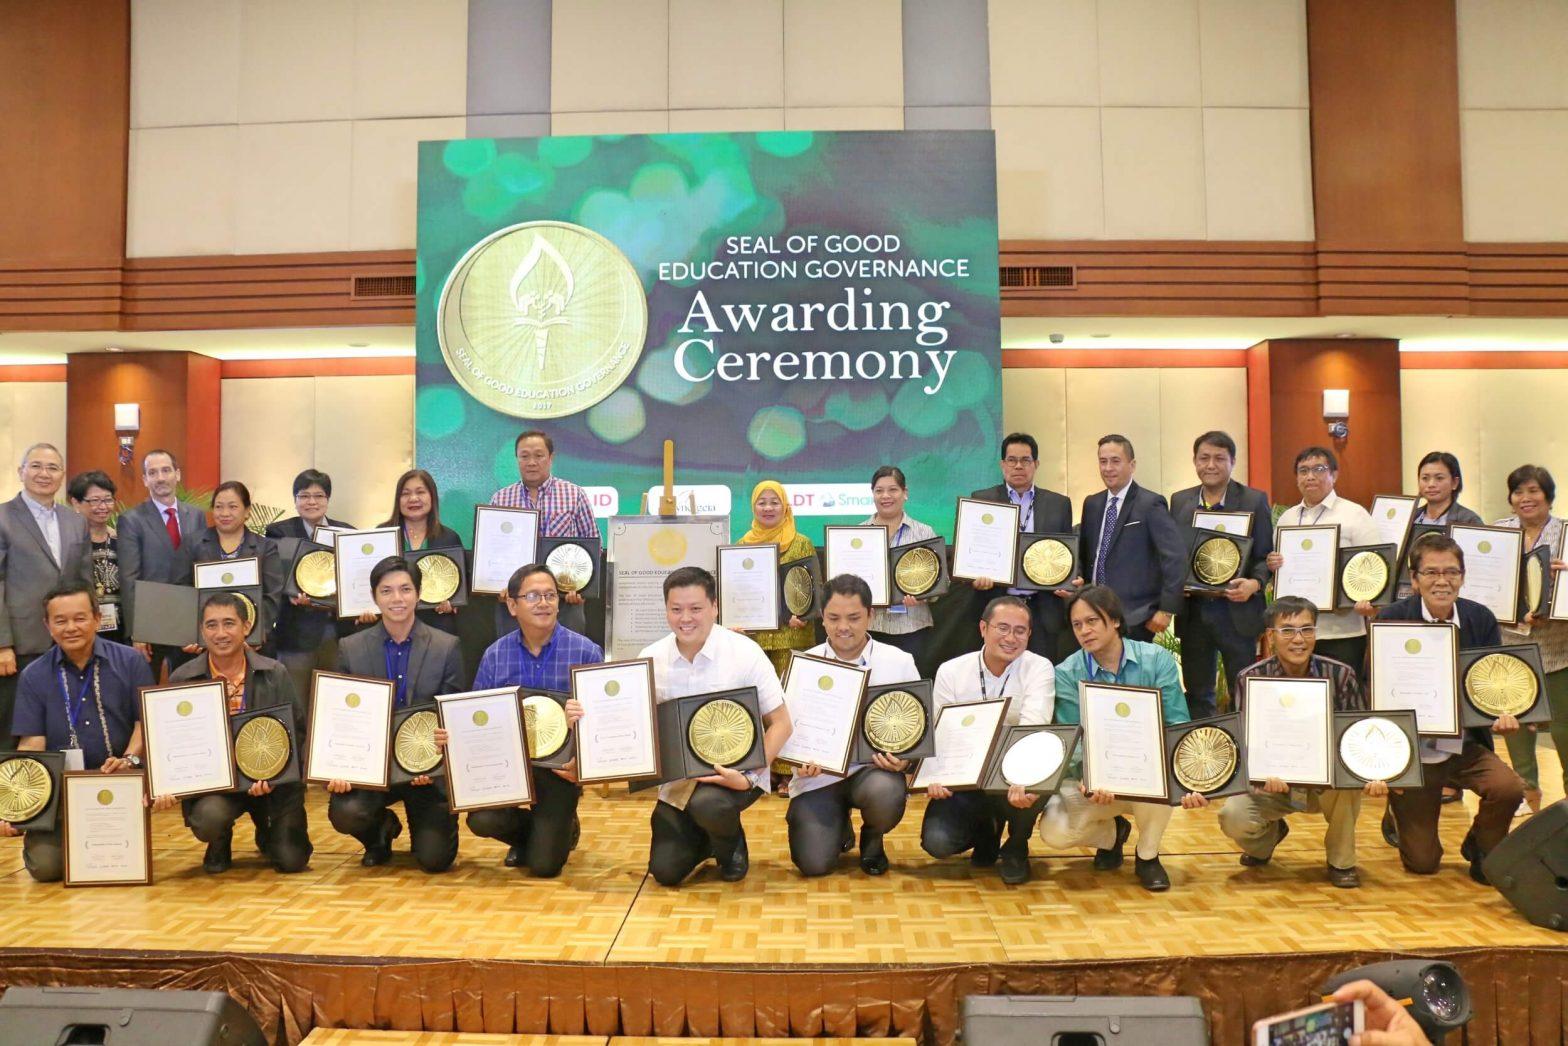 Synergeia Awardees